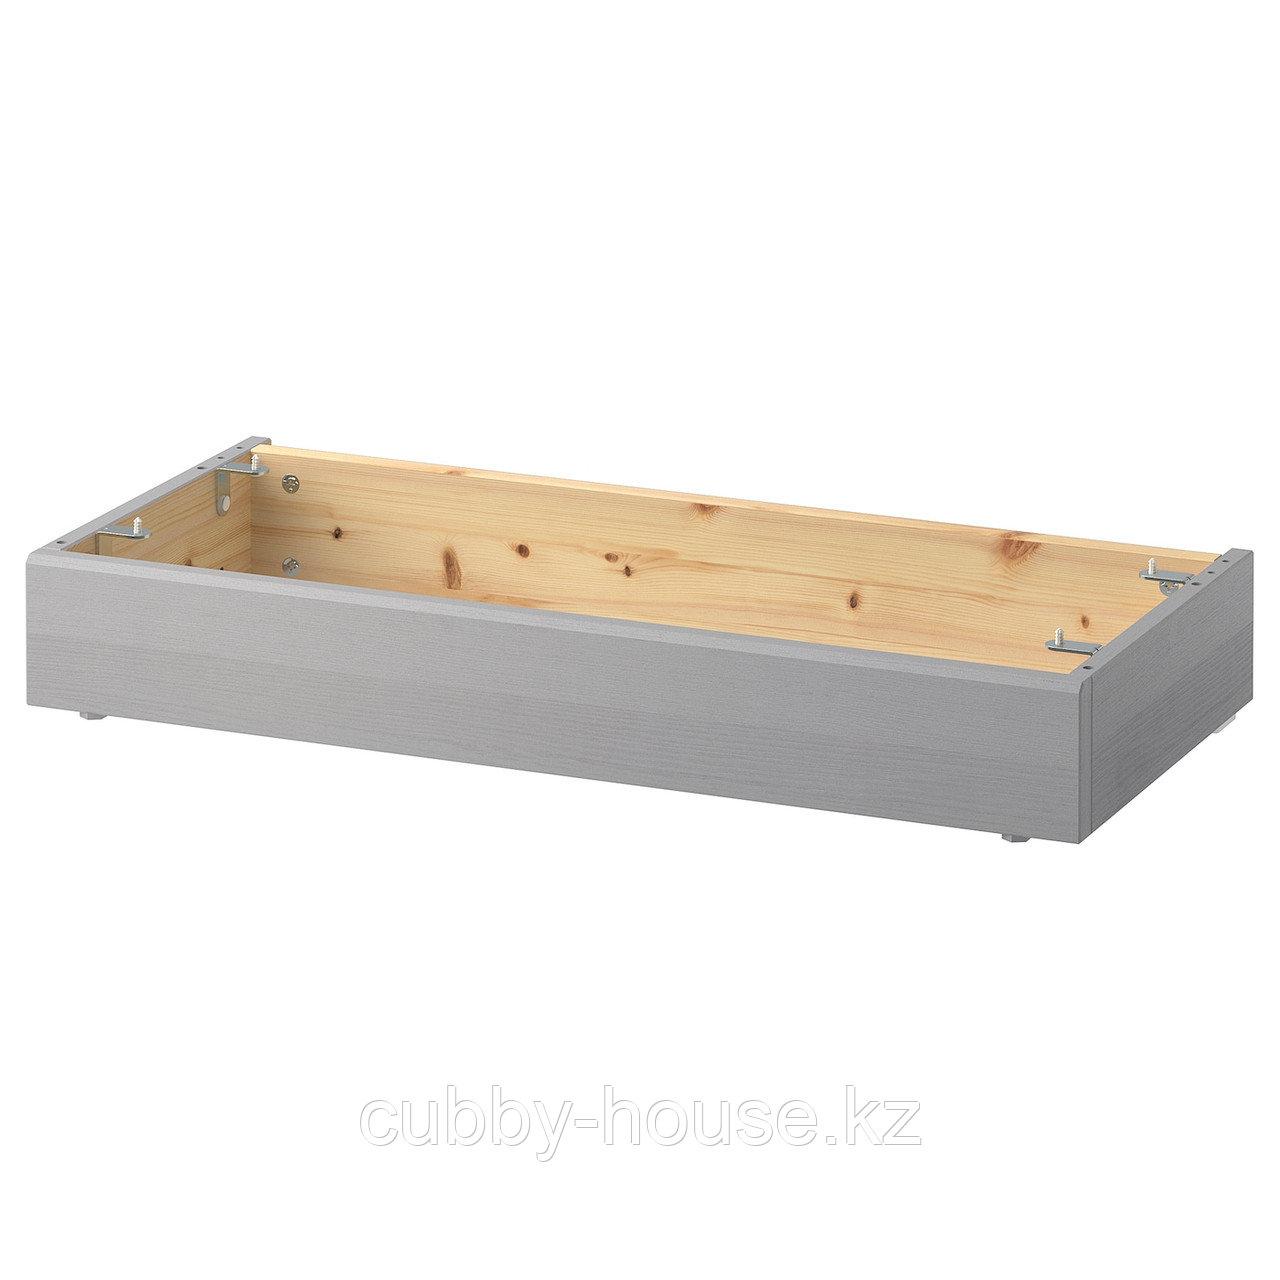 ХАВСТА Цоколь, серый, 81x37x12 см